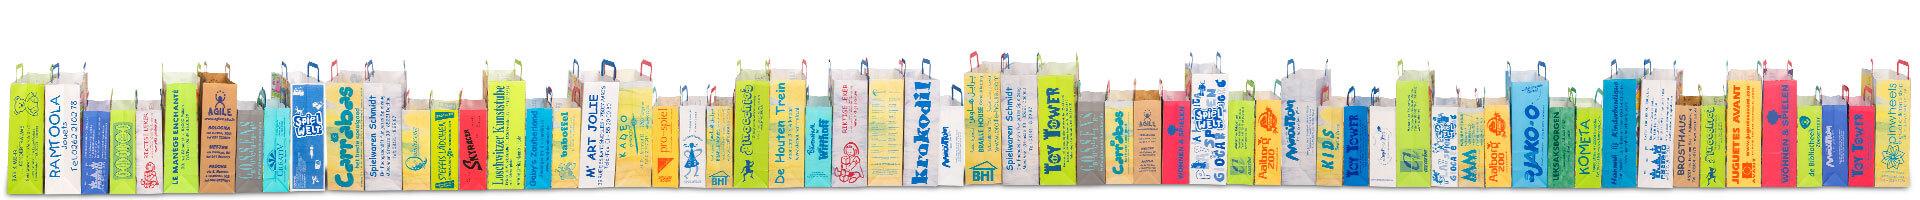 Taschengalerie mit Firmeneindruck